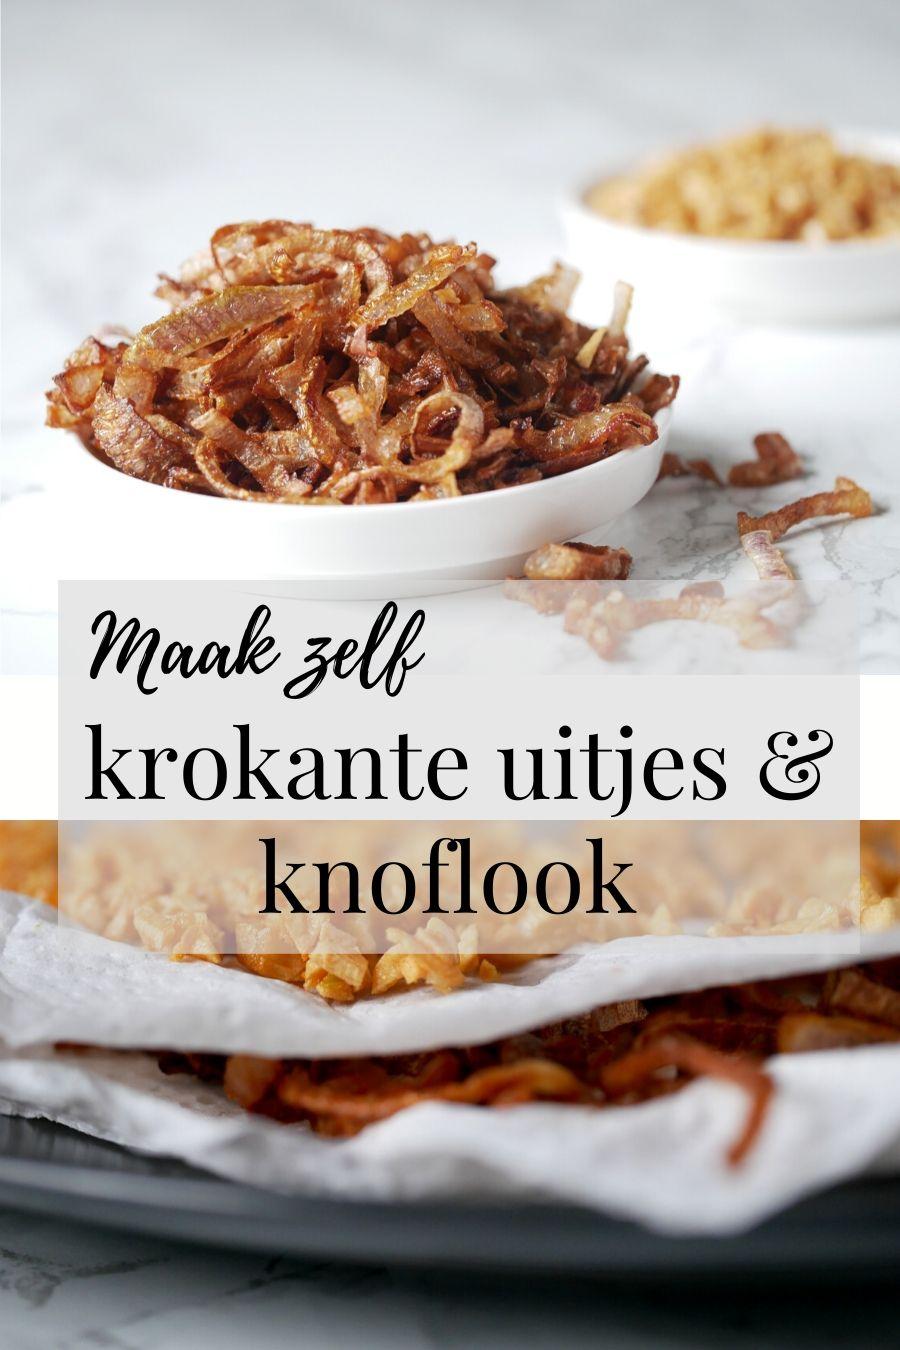 Natuurlijk kun je krokante uitjes en knoflook kant-en-klaar kopen. Maar ze zelf maken is niet moeilijk. Ze zijn zo veel lekkerder omdat ze niet verstopt zitten onder een dikke laag tarwebloem. Zelfgebakken uitjes zijn dan ook glutenvrij. t#gebakkenuitjes #zelfuitjesbakken #krokanteuitjes #knoflook #glutenvrijeuitjes